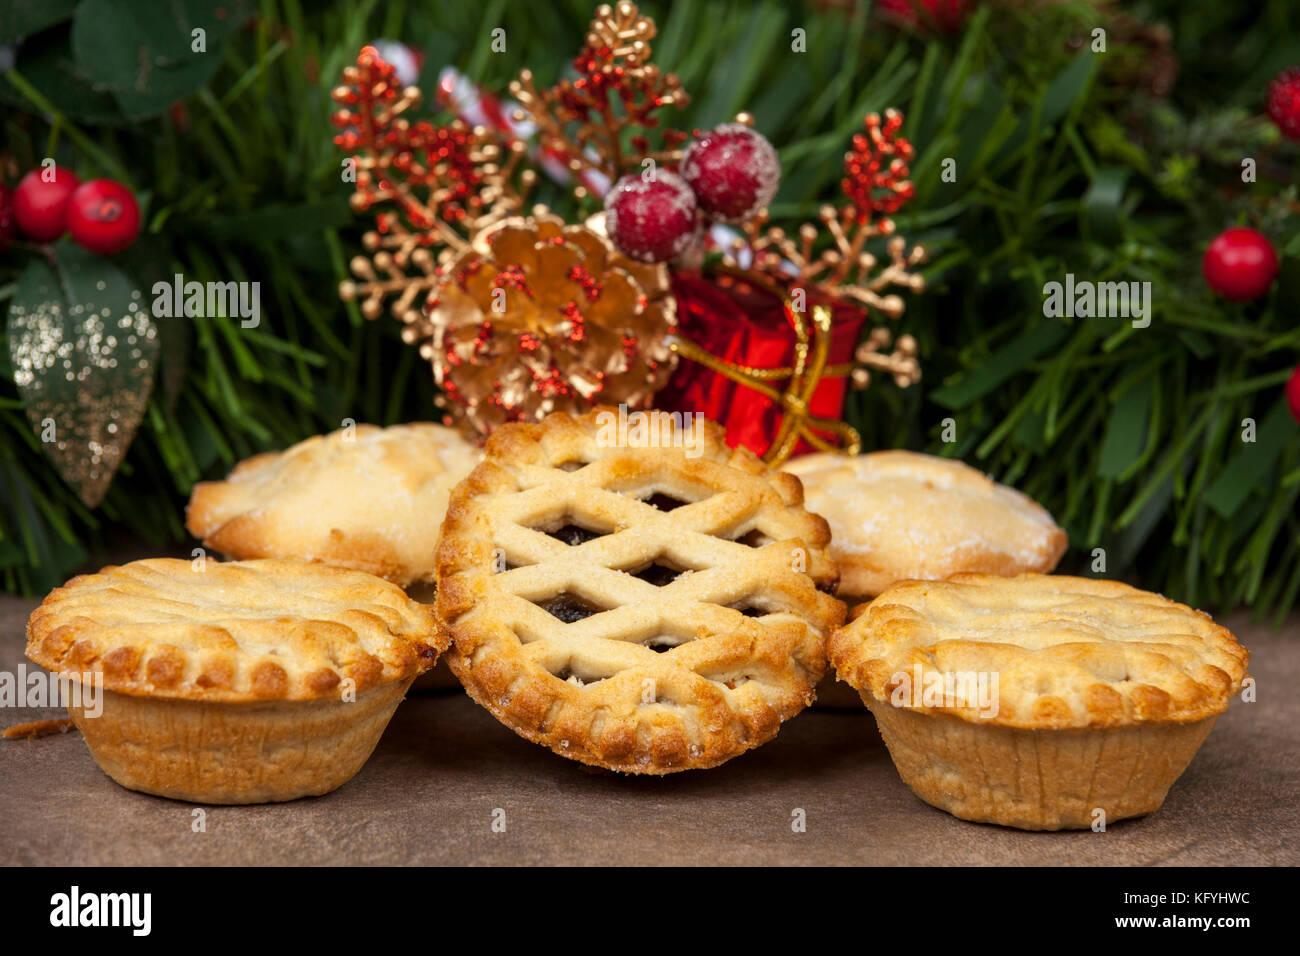 Selección de color marrón dorado carne picada tartas con adornos navideños en el fondo Imagen De Stock